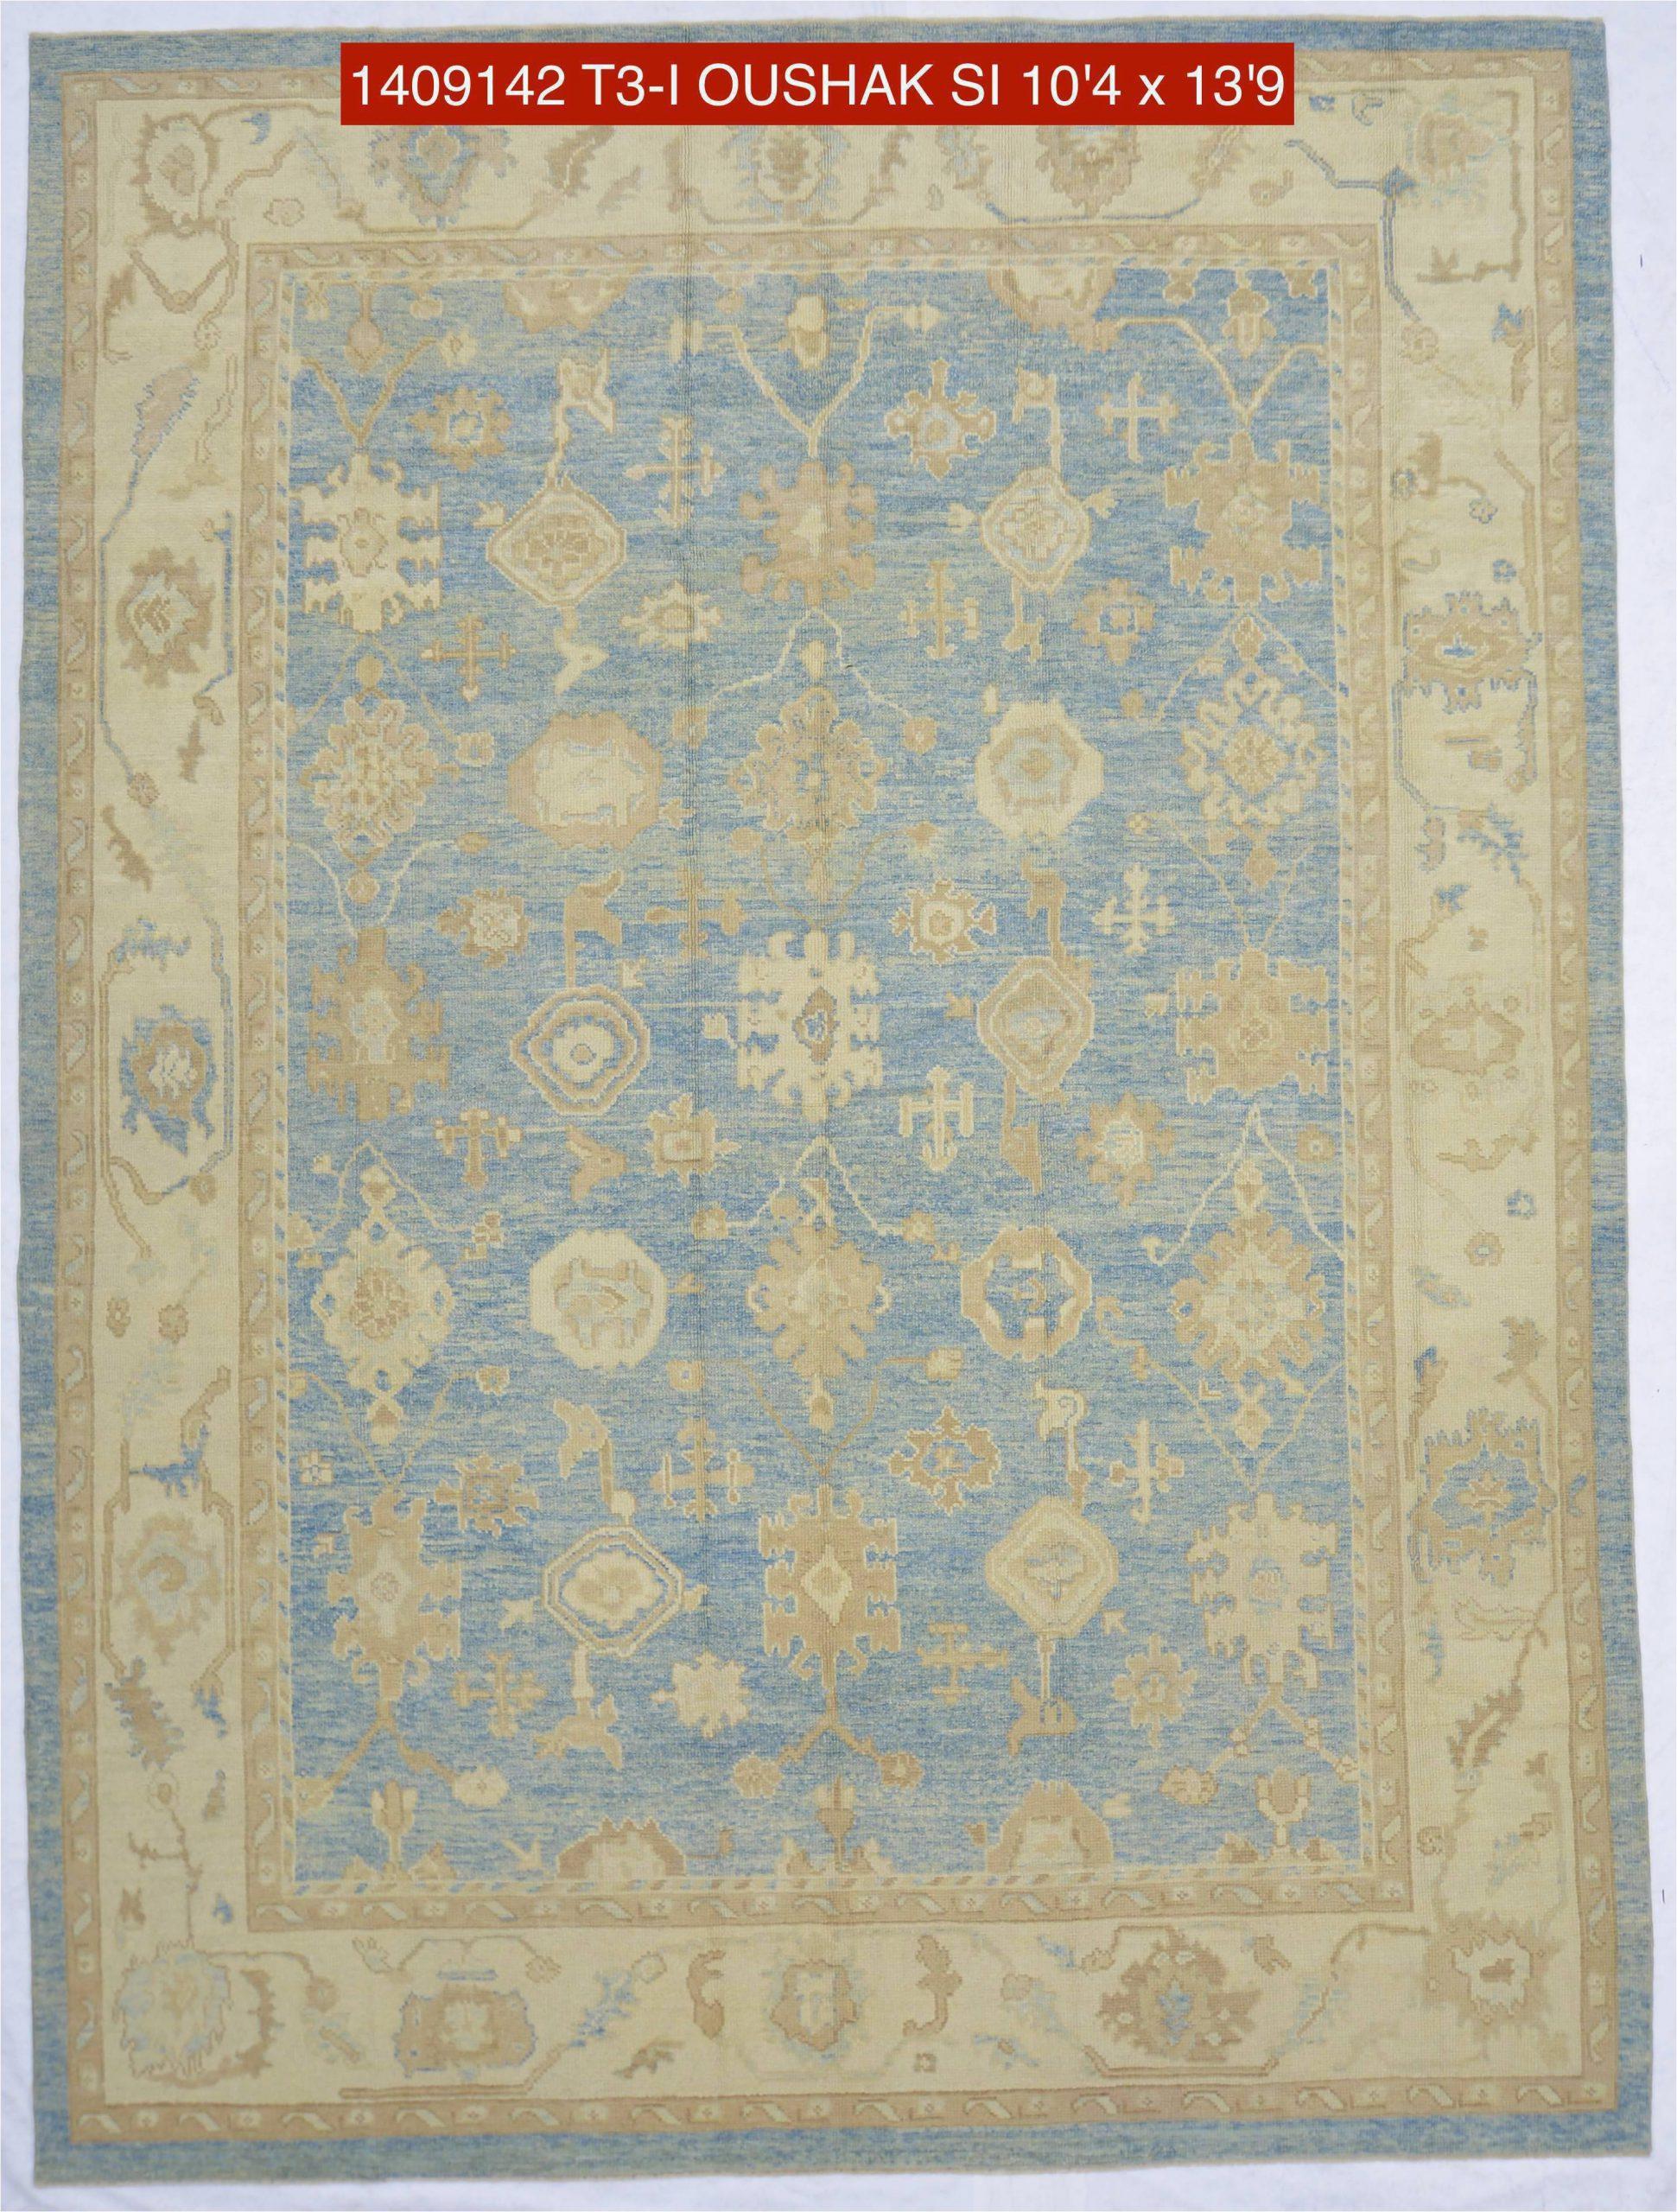 10x14 blue modern oushak area rug 1